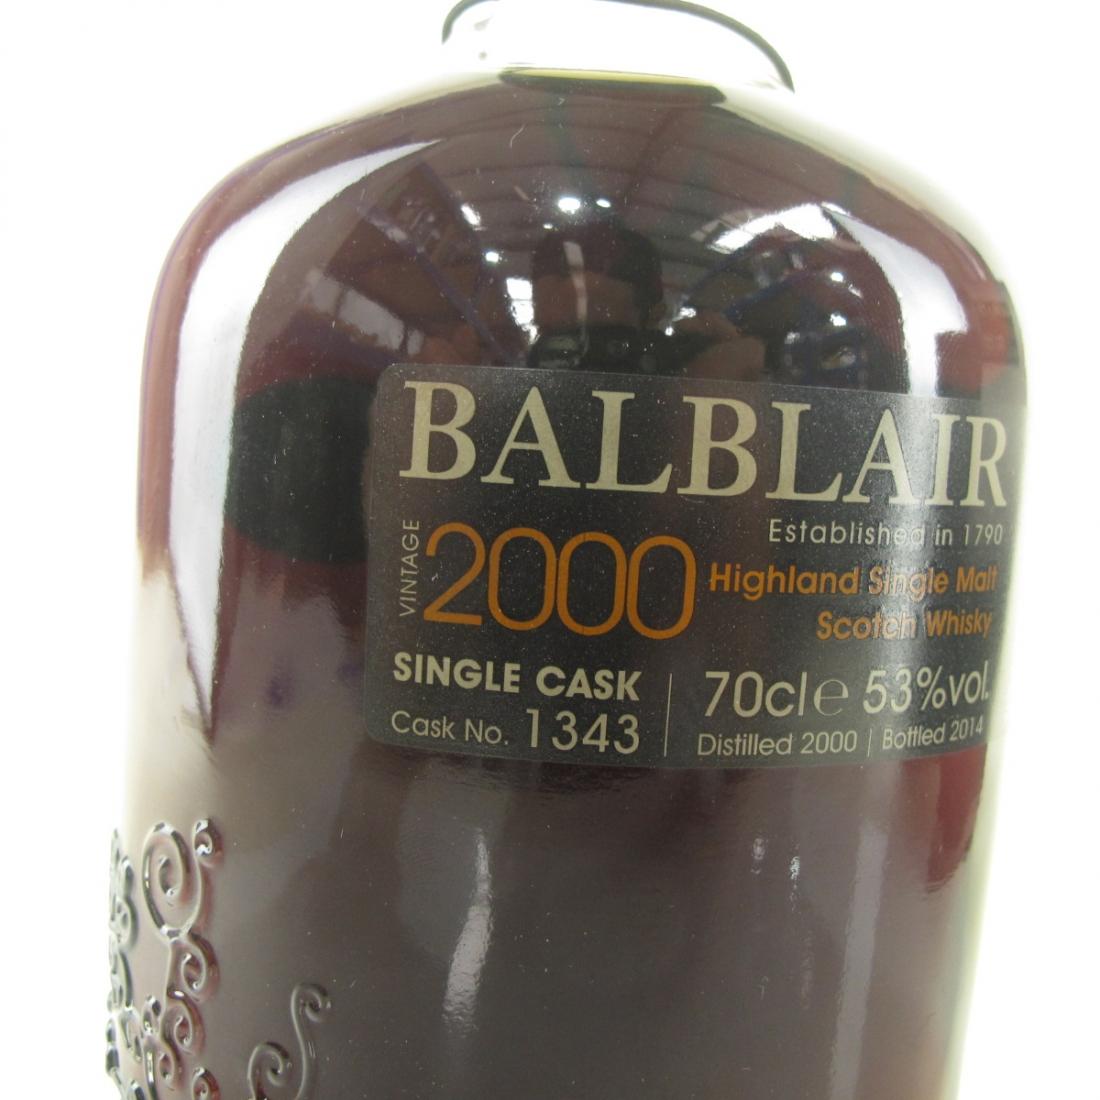 Balblair 2000 Single Cask #1343 / TWE Exclusive